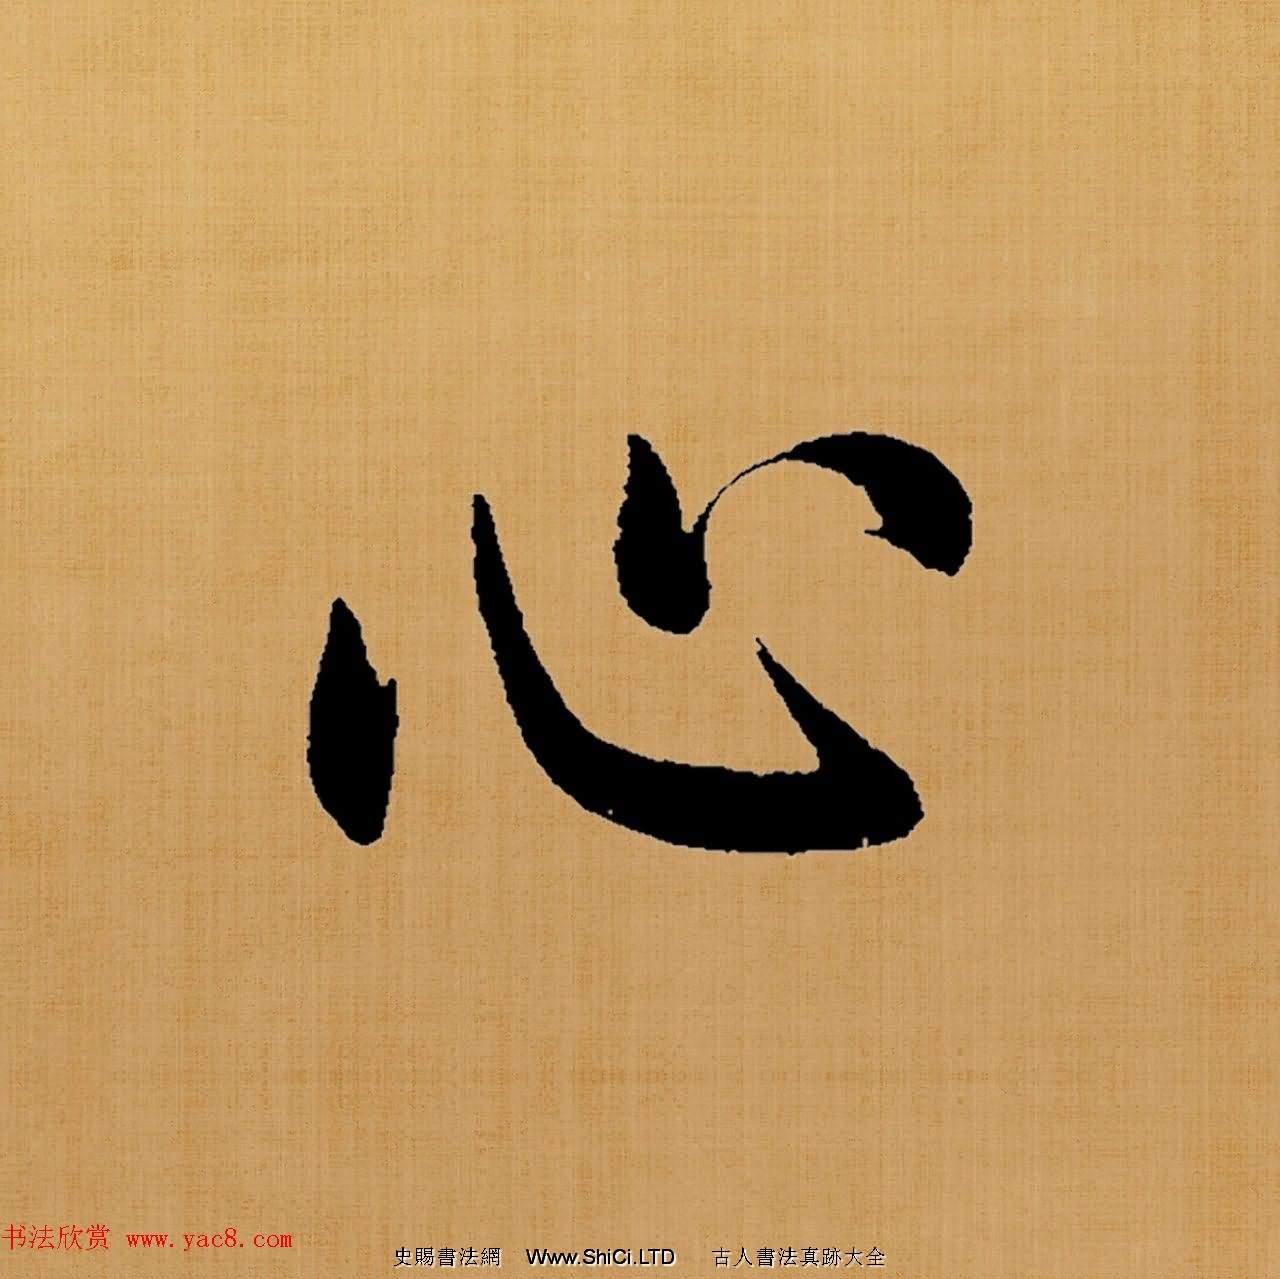 趙孟俯楷書集字《白居易詩句》